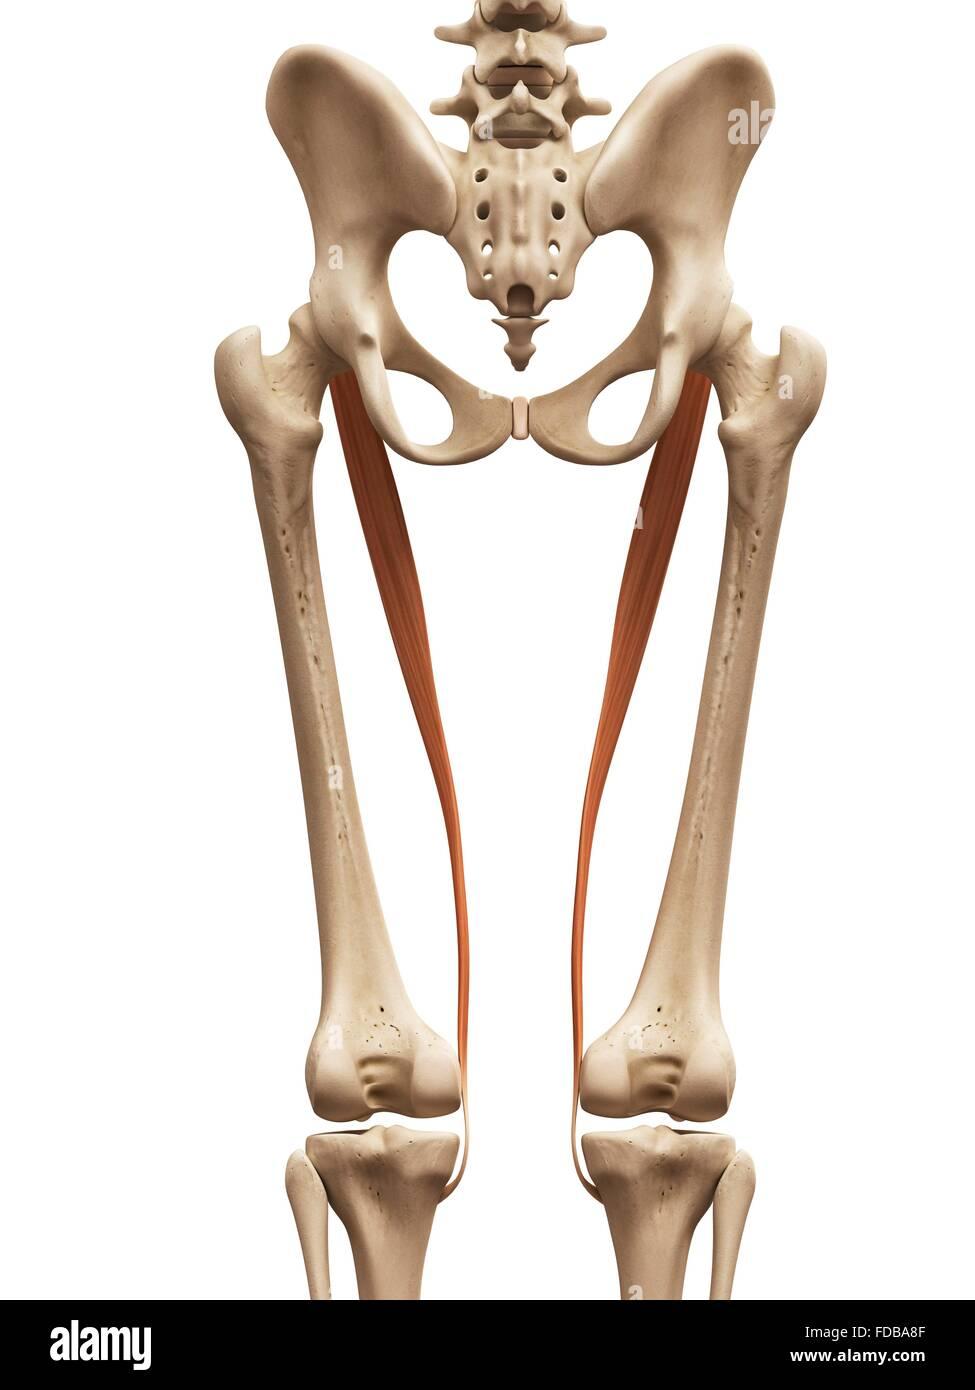 Fantastisch Leiste Anatomie Muskeln Galerie - Menschliche Anatomie ...